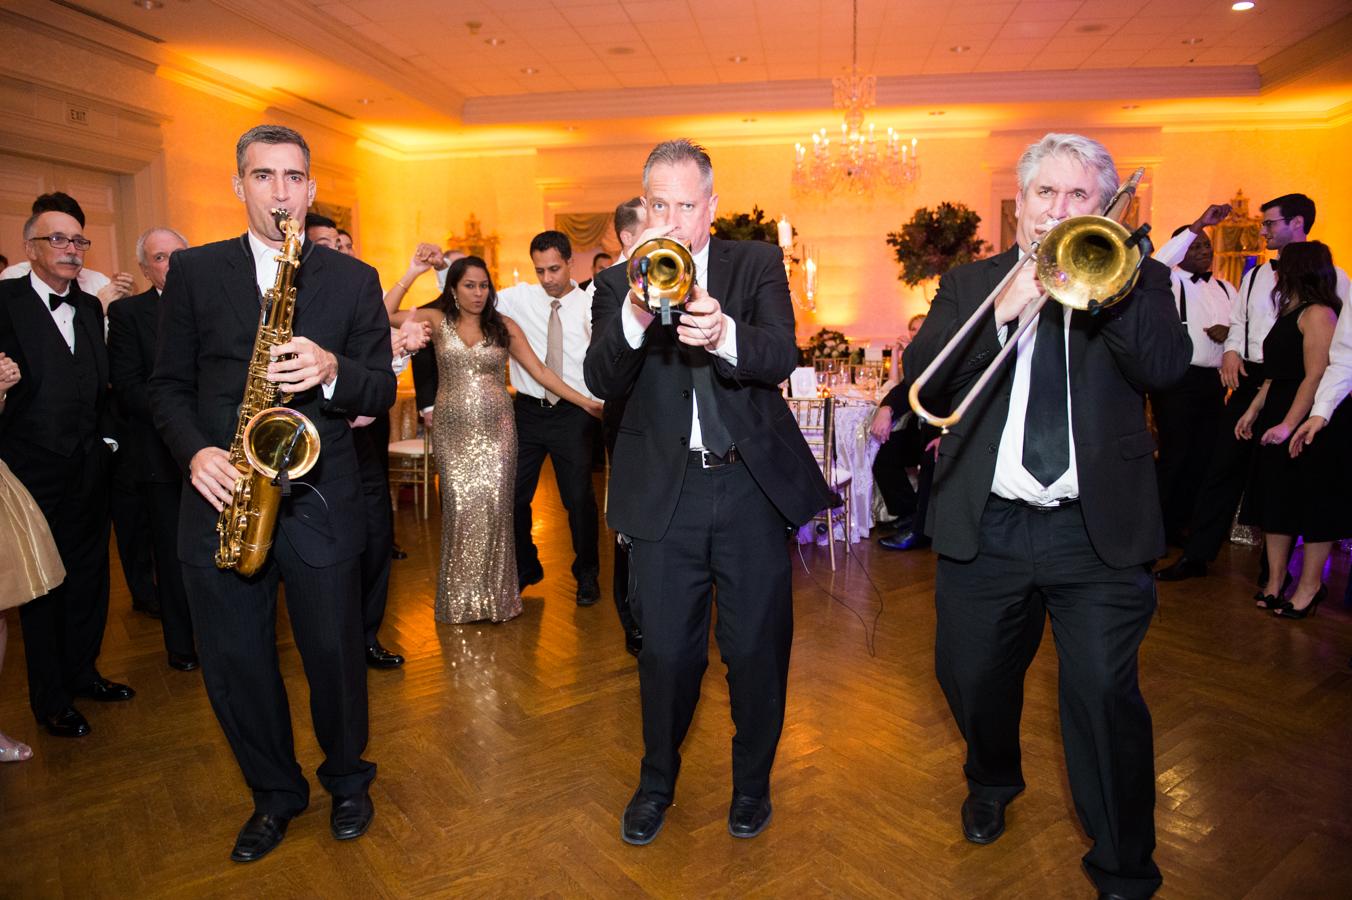 Pittsburgh Field Club Weddings | Elizabeth Craig Photography-227